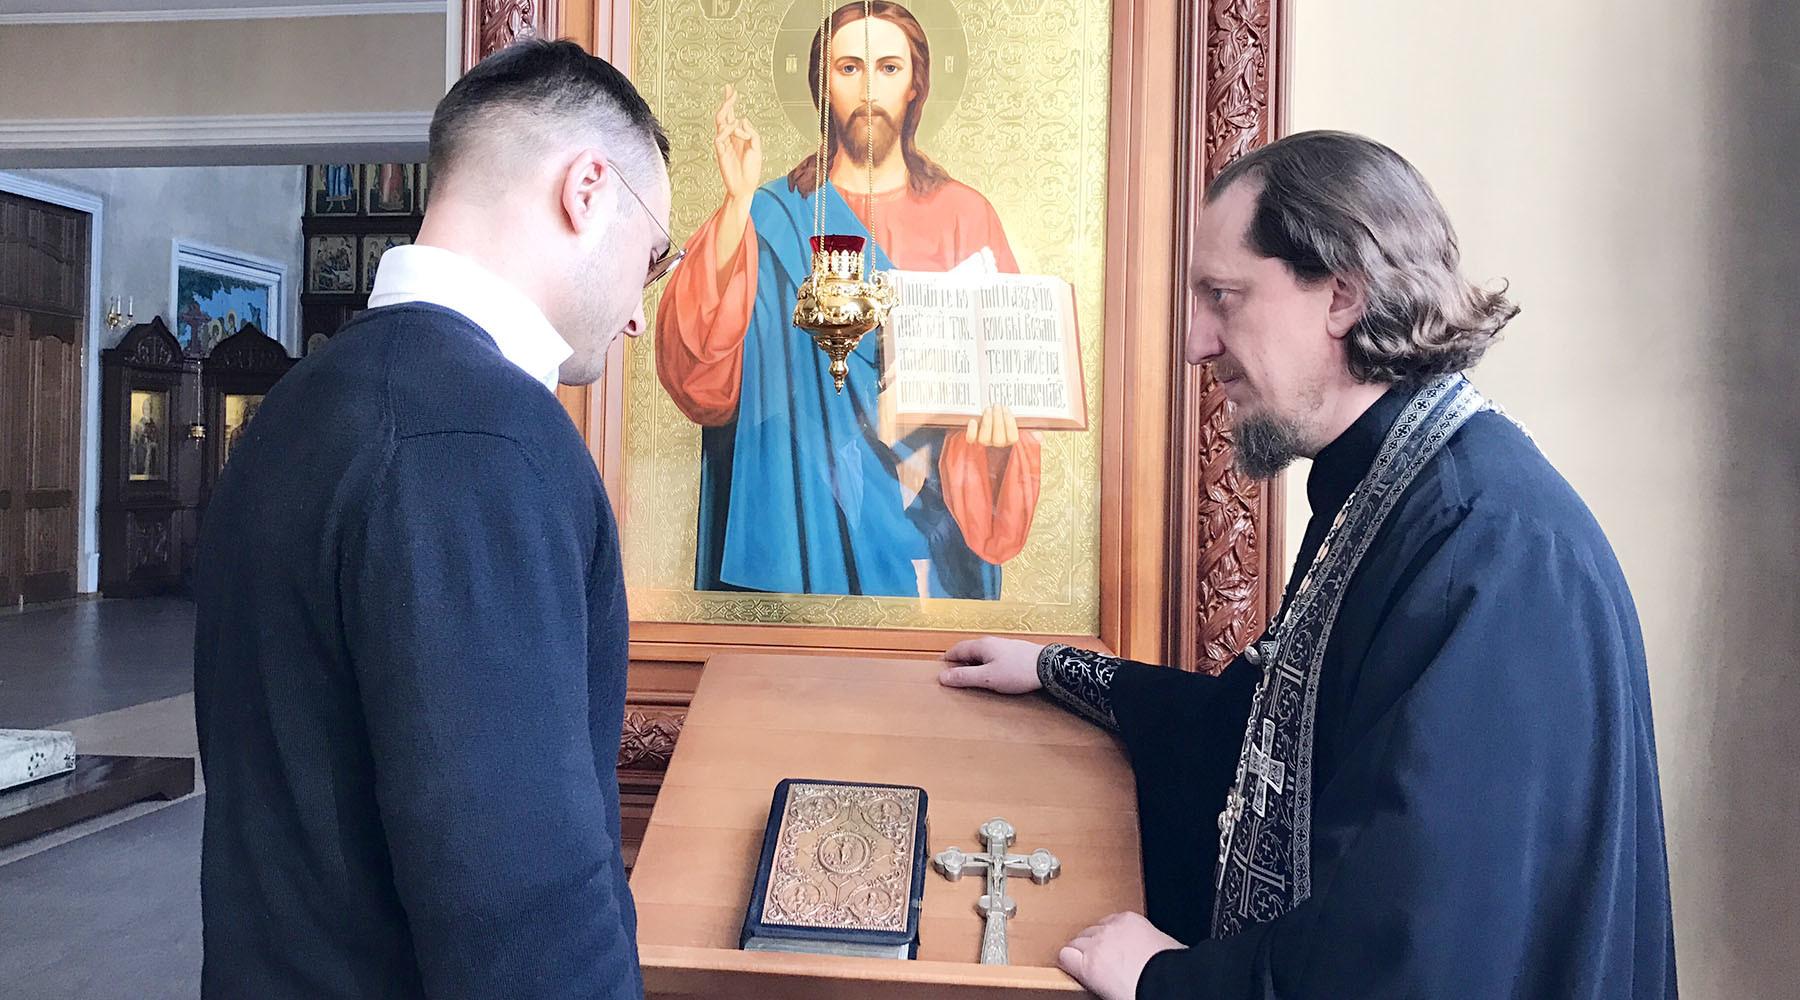 Cвященники назвали грехи, о которых чаще всего сожалеют россияне